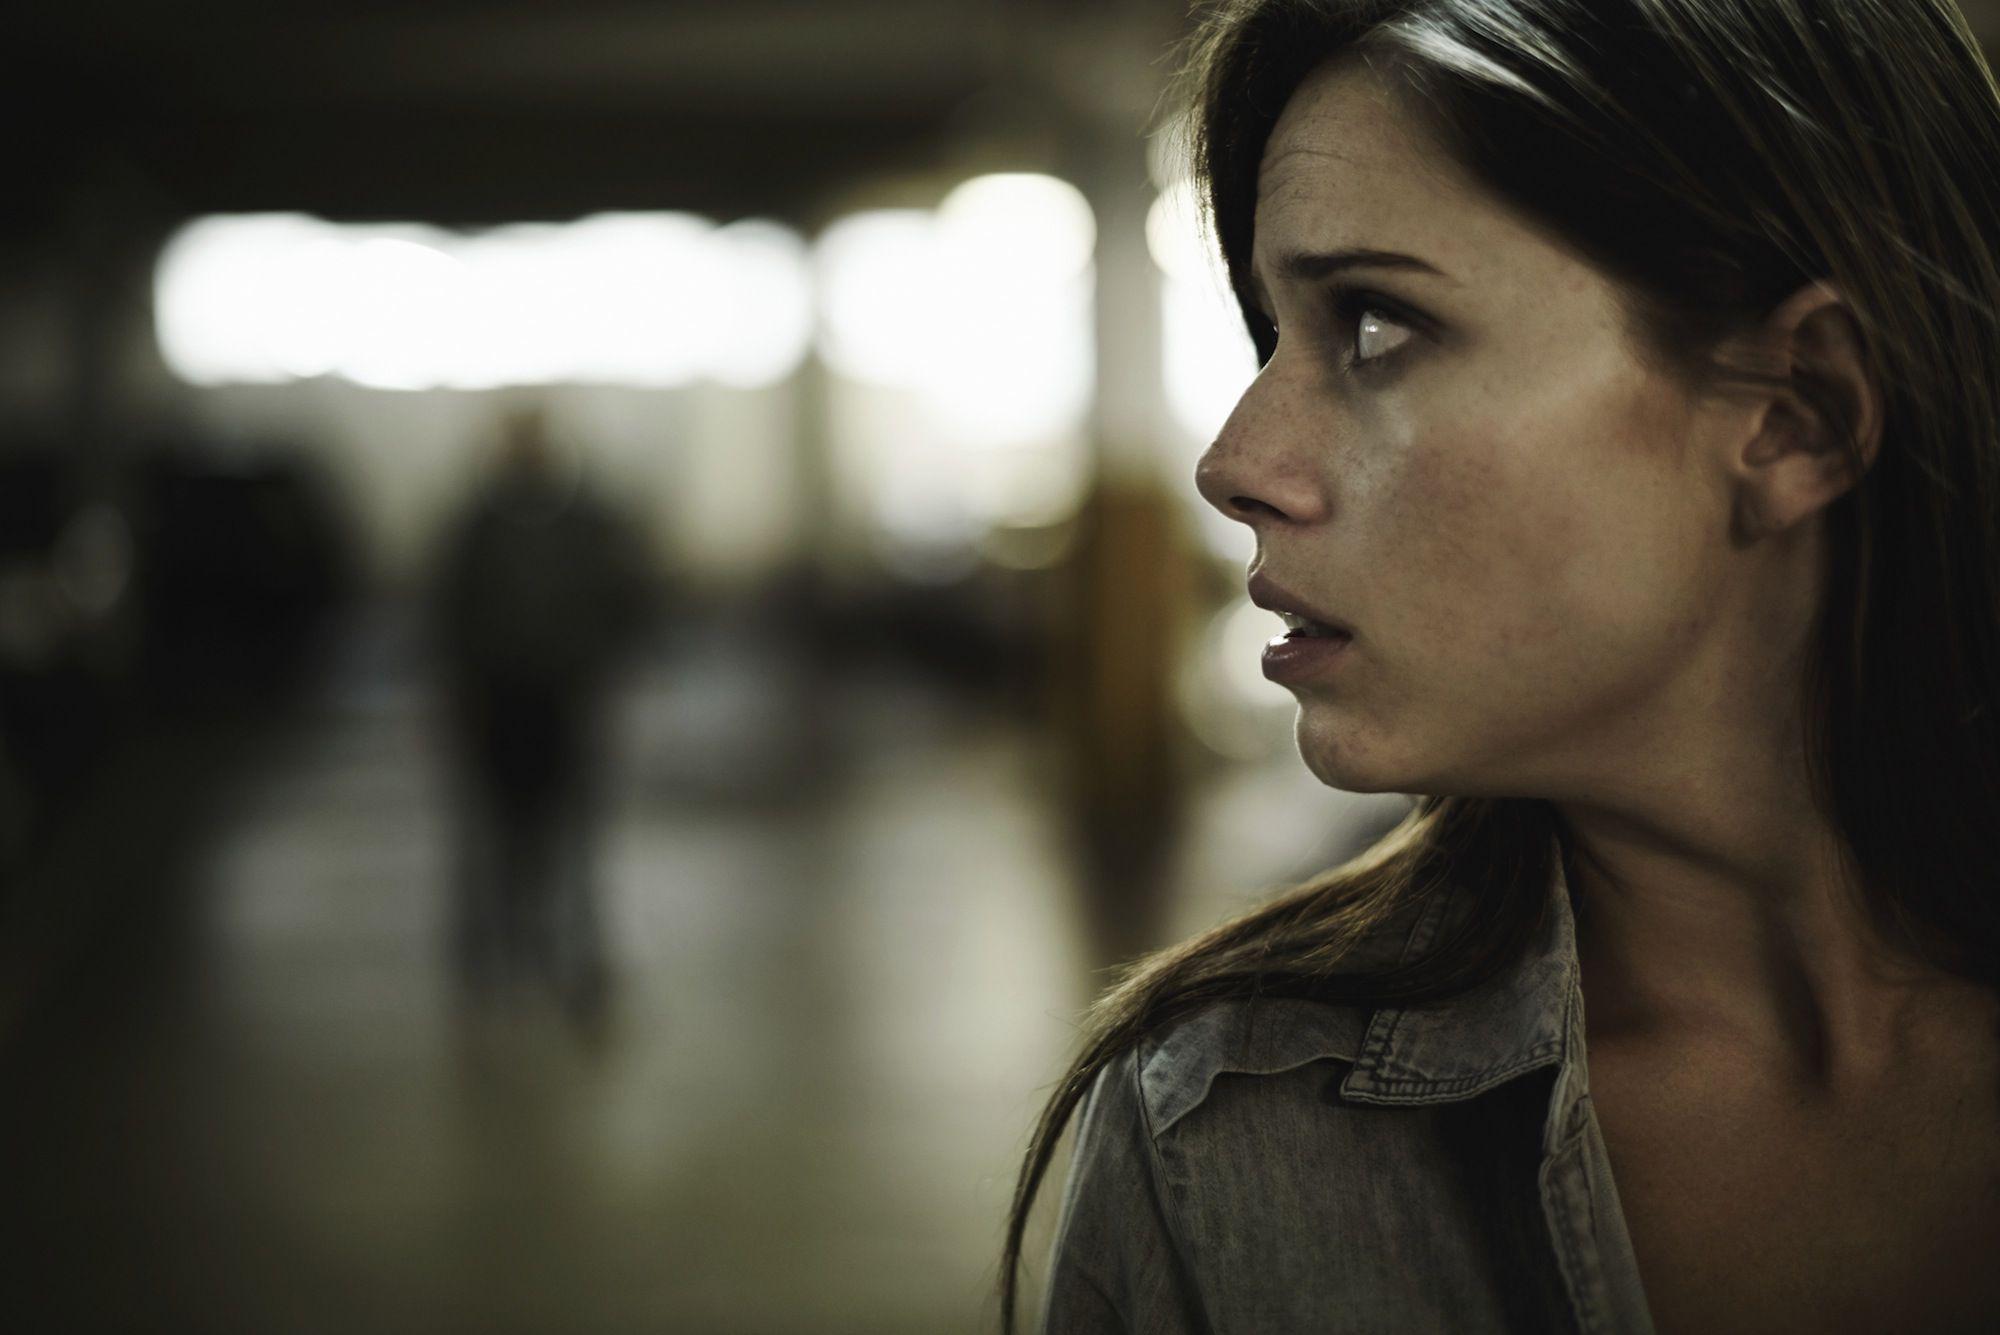 Разрушители стресса помогут приручить паранойю в БЛД